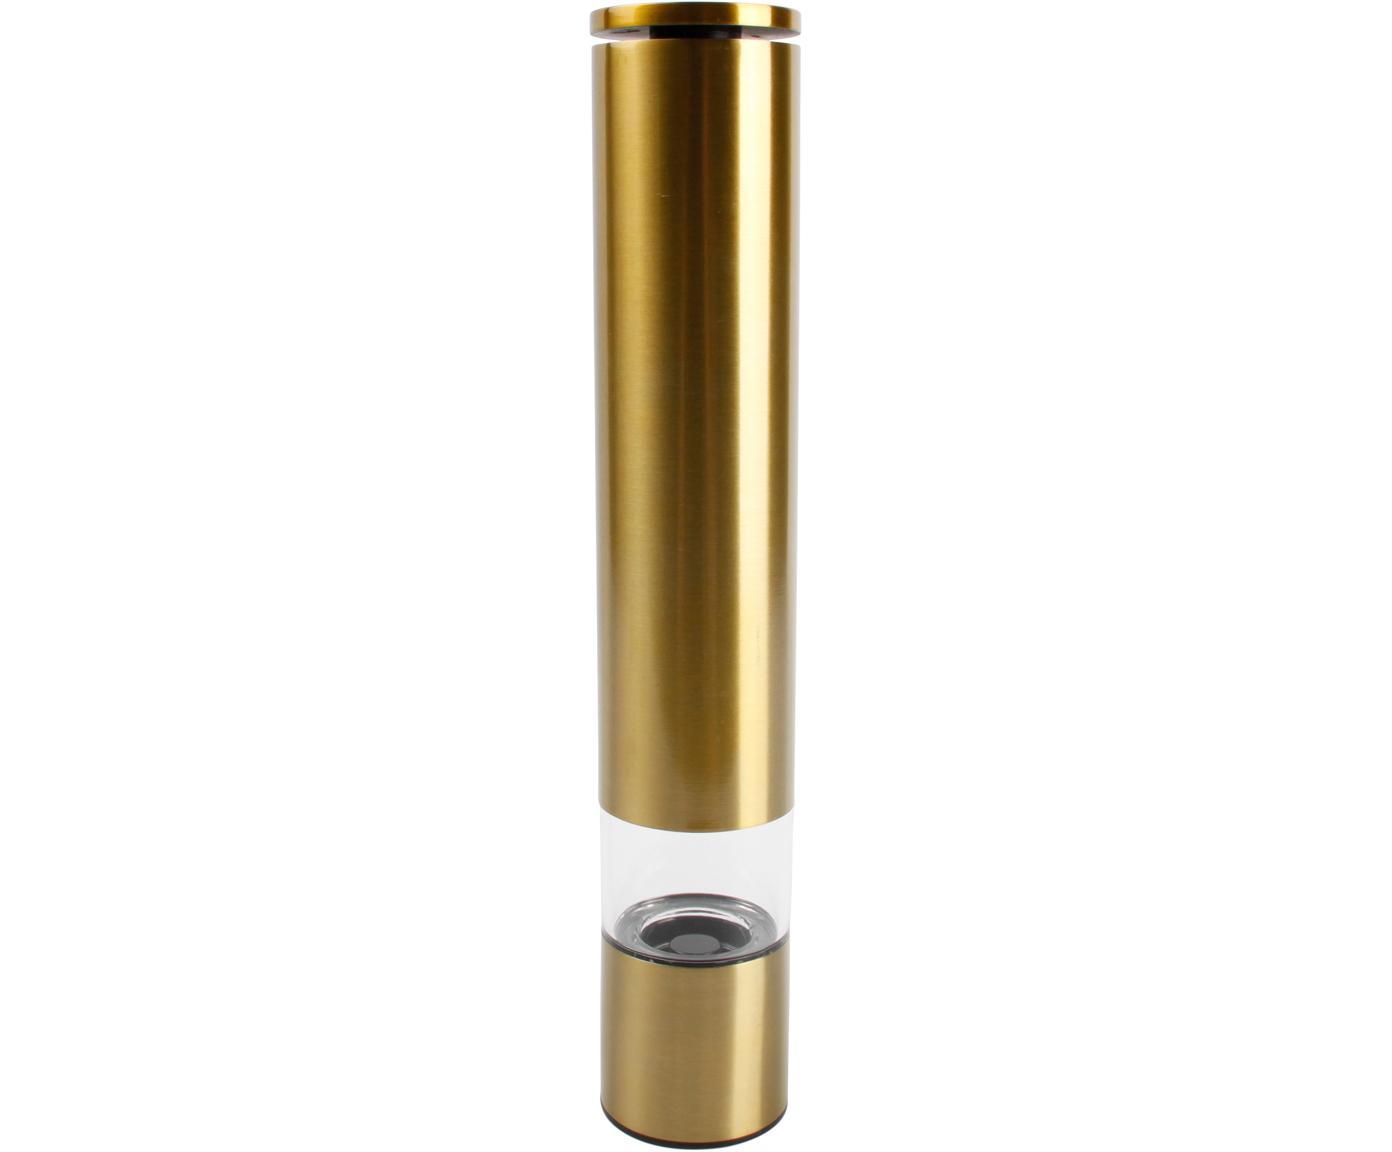 Gewürzmühle Sheda in Gold, Korpus: Acrylglas, Edelstahl, bes, Mahlwerk: Keramik, Kunststoff, Messingfarben, Ø 5 x H 29 cm